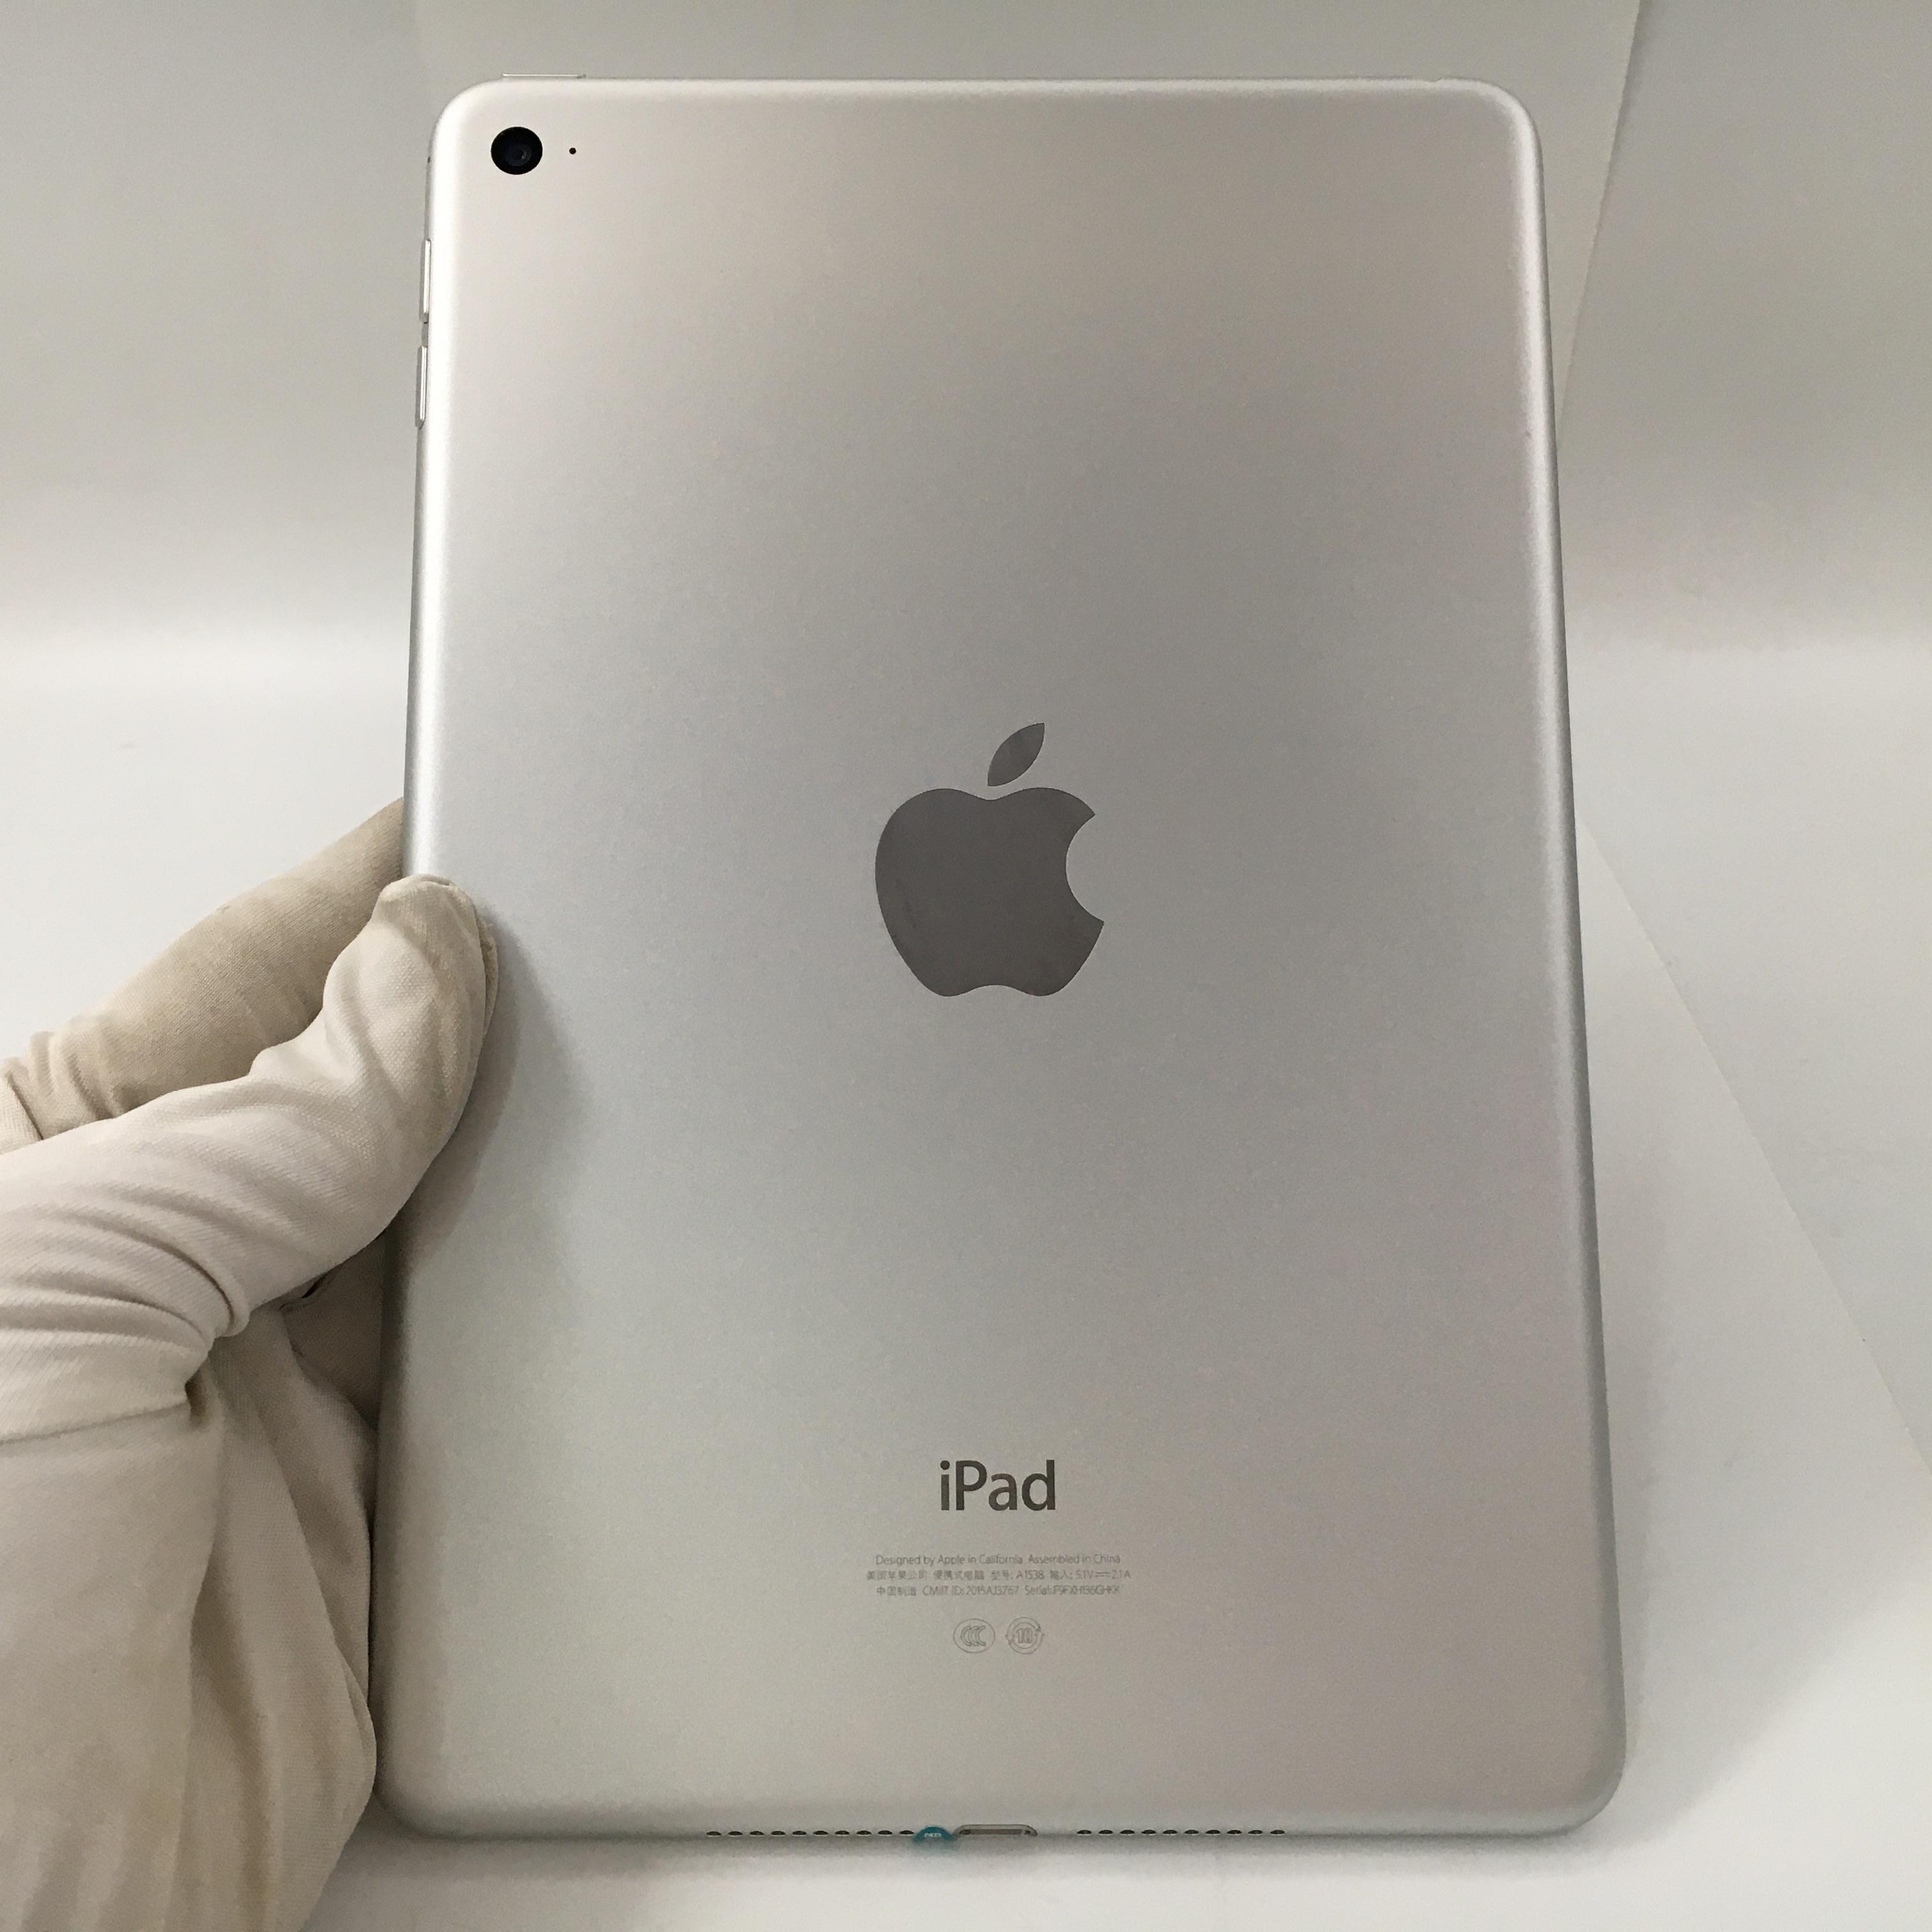 苹果【iPad mini 4】WIFI版 银色 64G 国行 95新